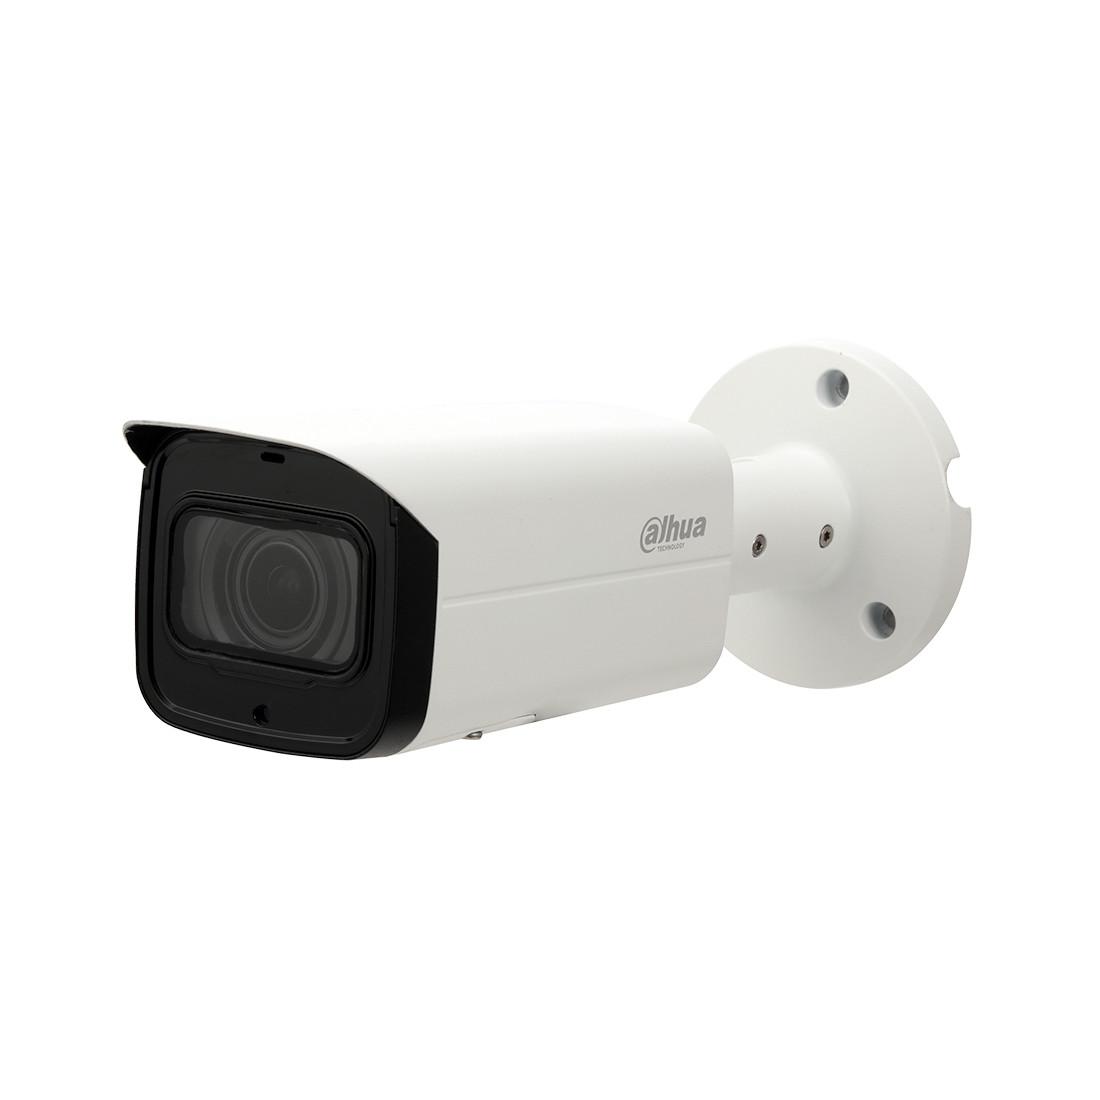 Цилиндрическая видеокамера Dahua DH-IPC-HFW2531TP-ZS-27135